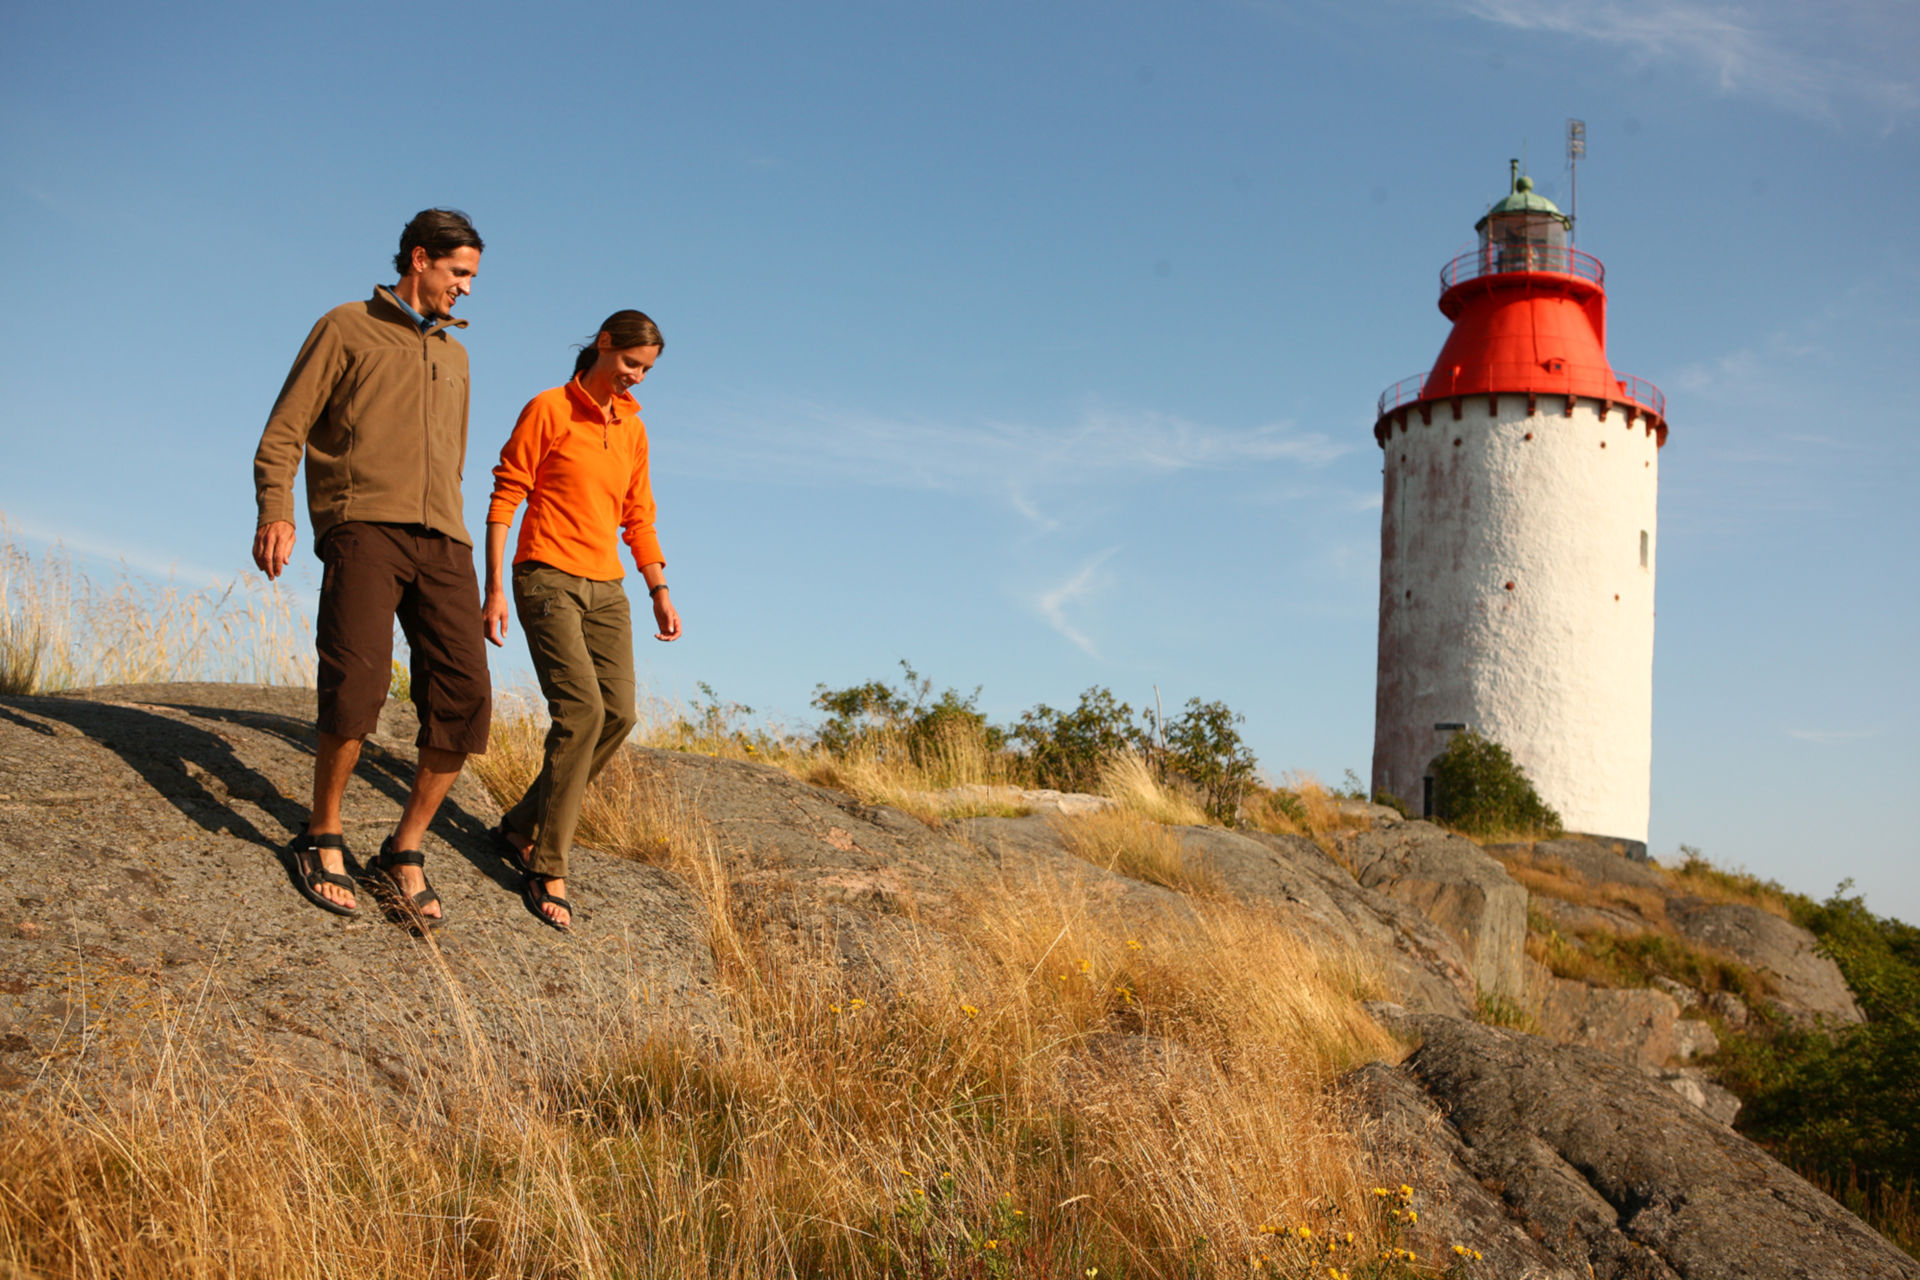 Der Naturparkweg in Schleswig-Holstein bietet herrliche Aussichten auf während der Wanderungen